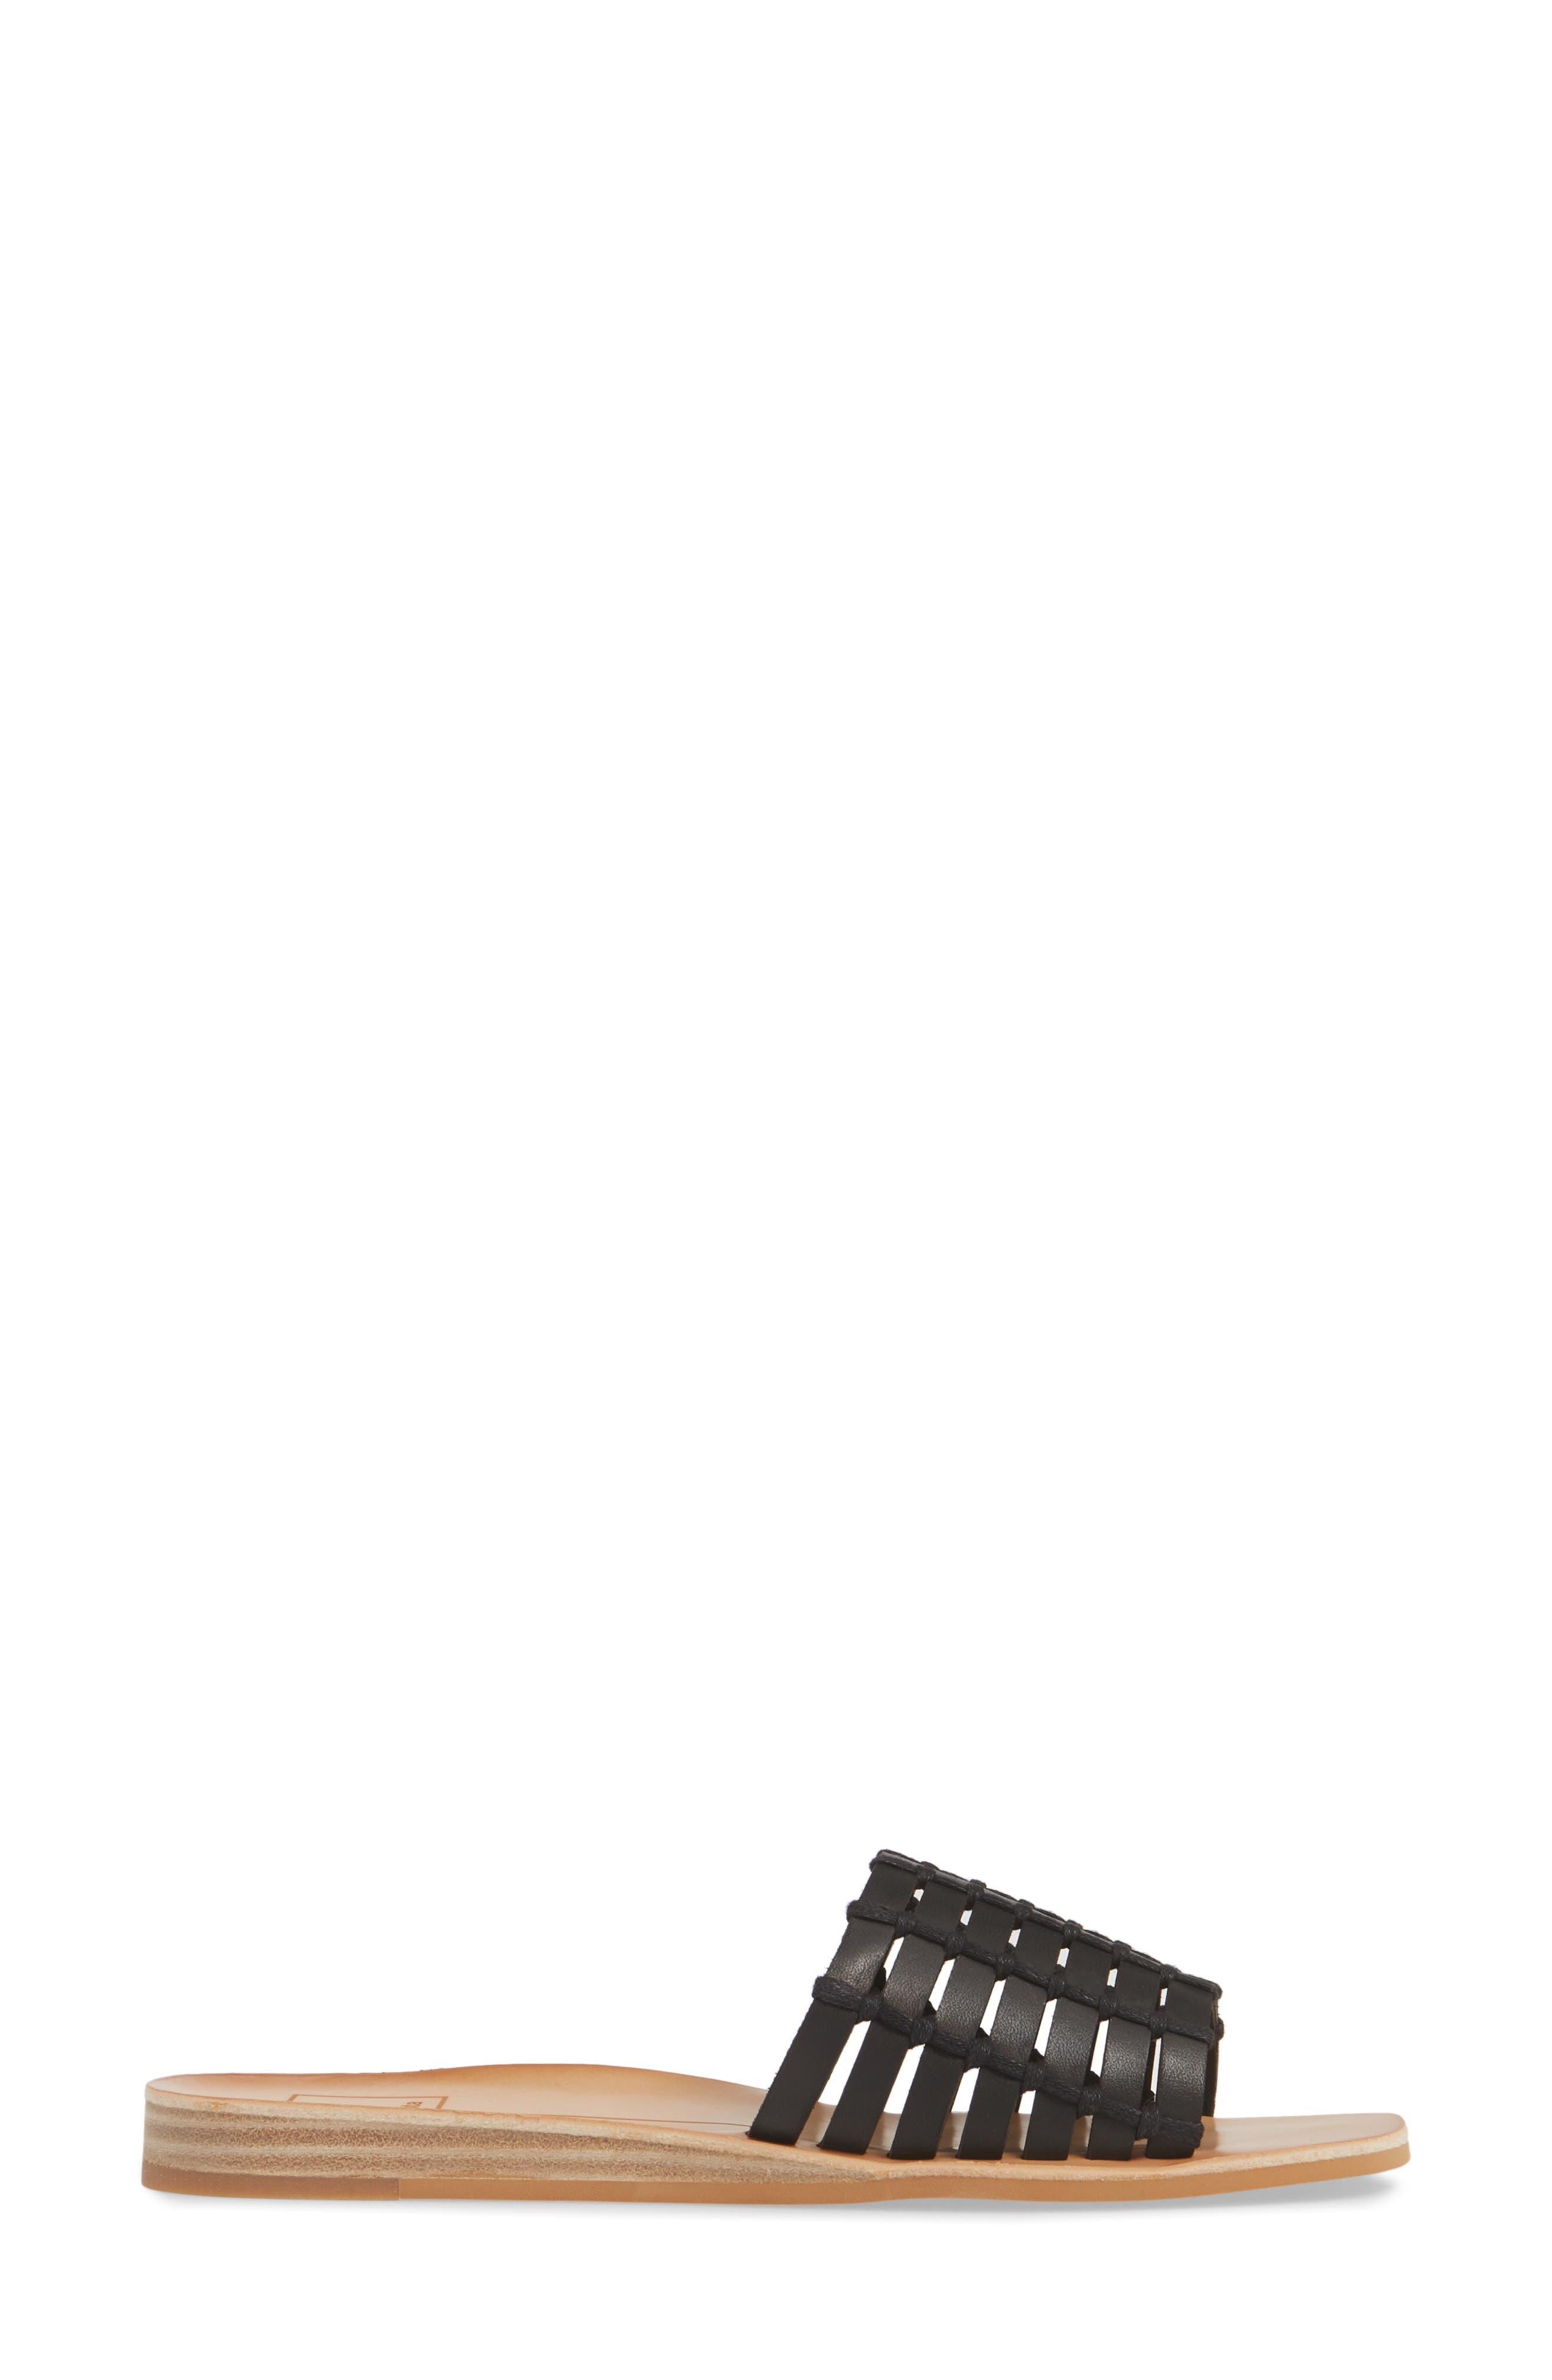 DOLCE VITA, Colsen Slide Sandal, Alternate thumbnail 3, color, BLACK LEATHER